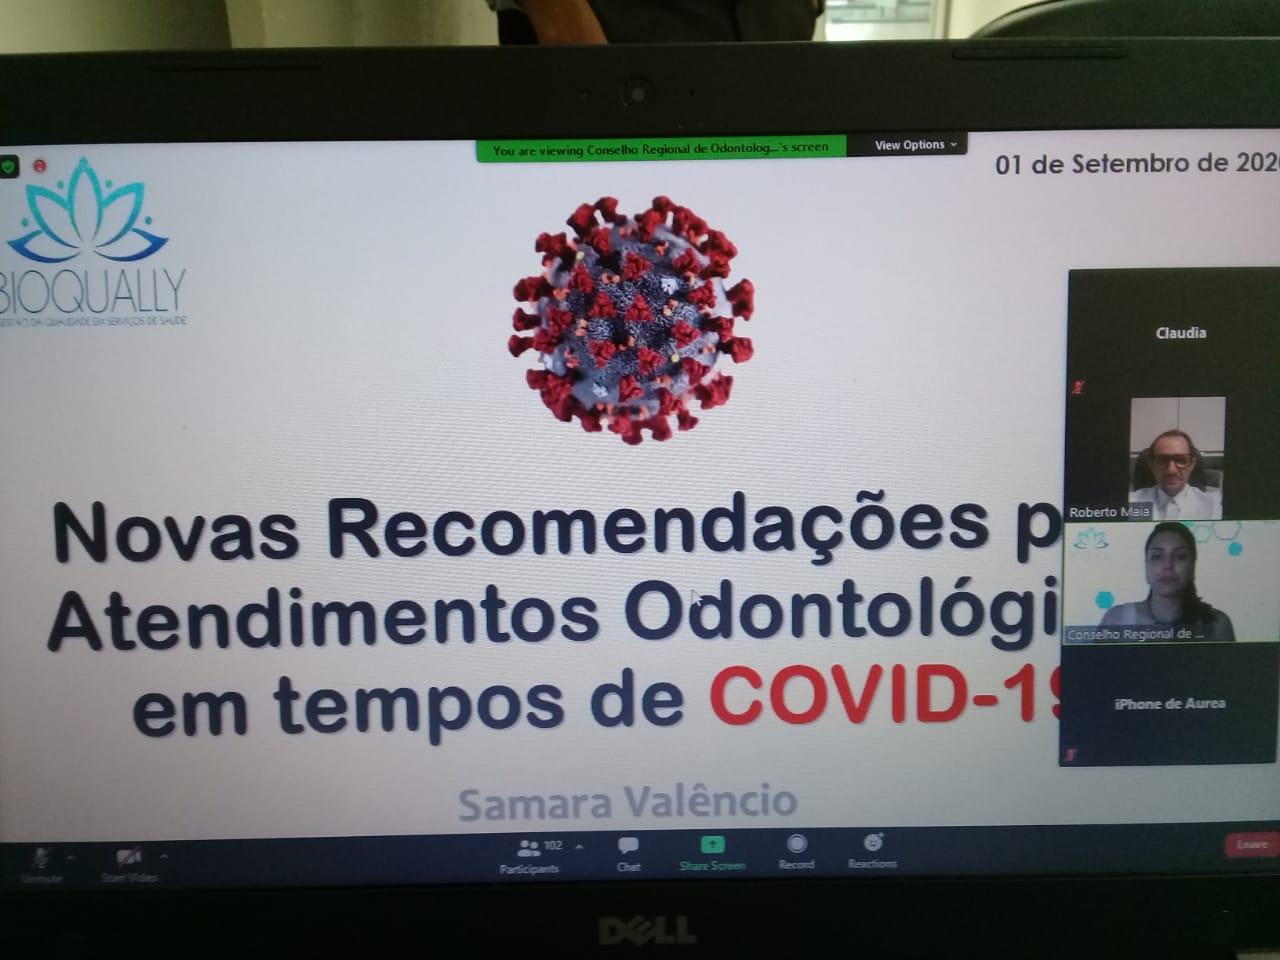 9º Chame o CRO foca em atendimento durante pandemia